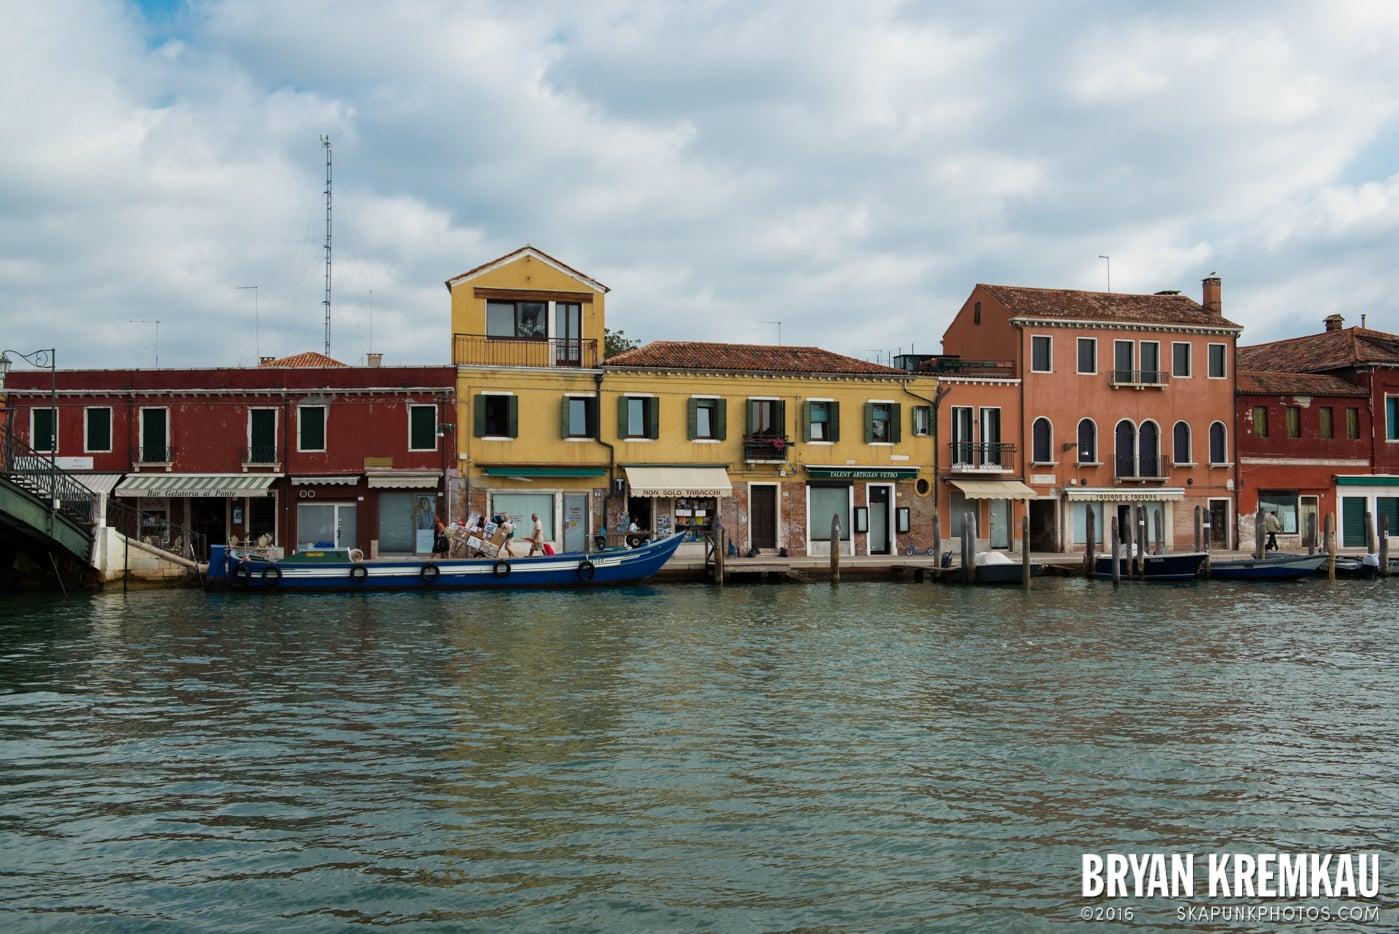 Italy Vacation - Day 6: Murano, Burano, Venice - 9.14.13 (93)